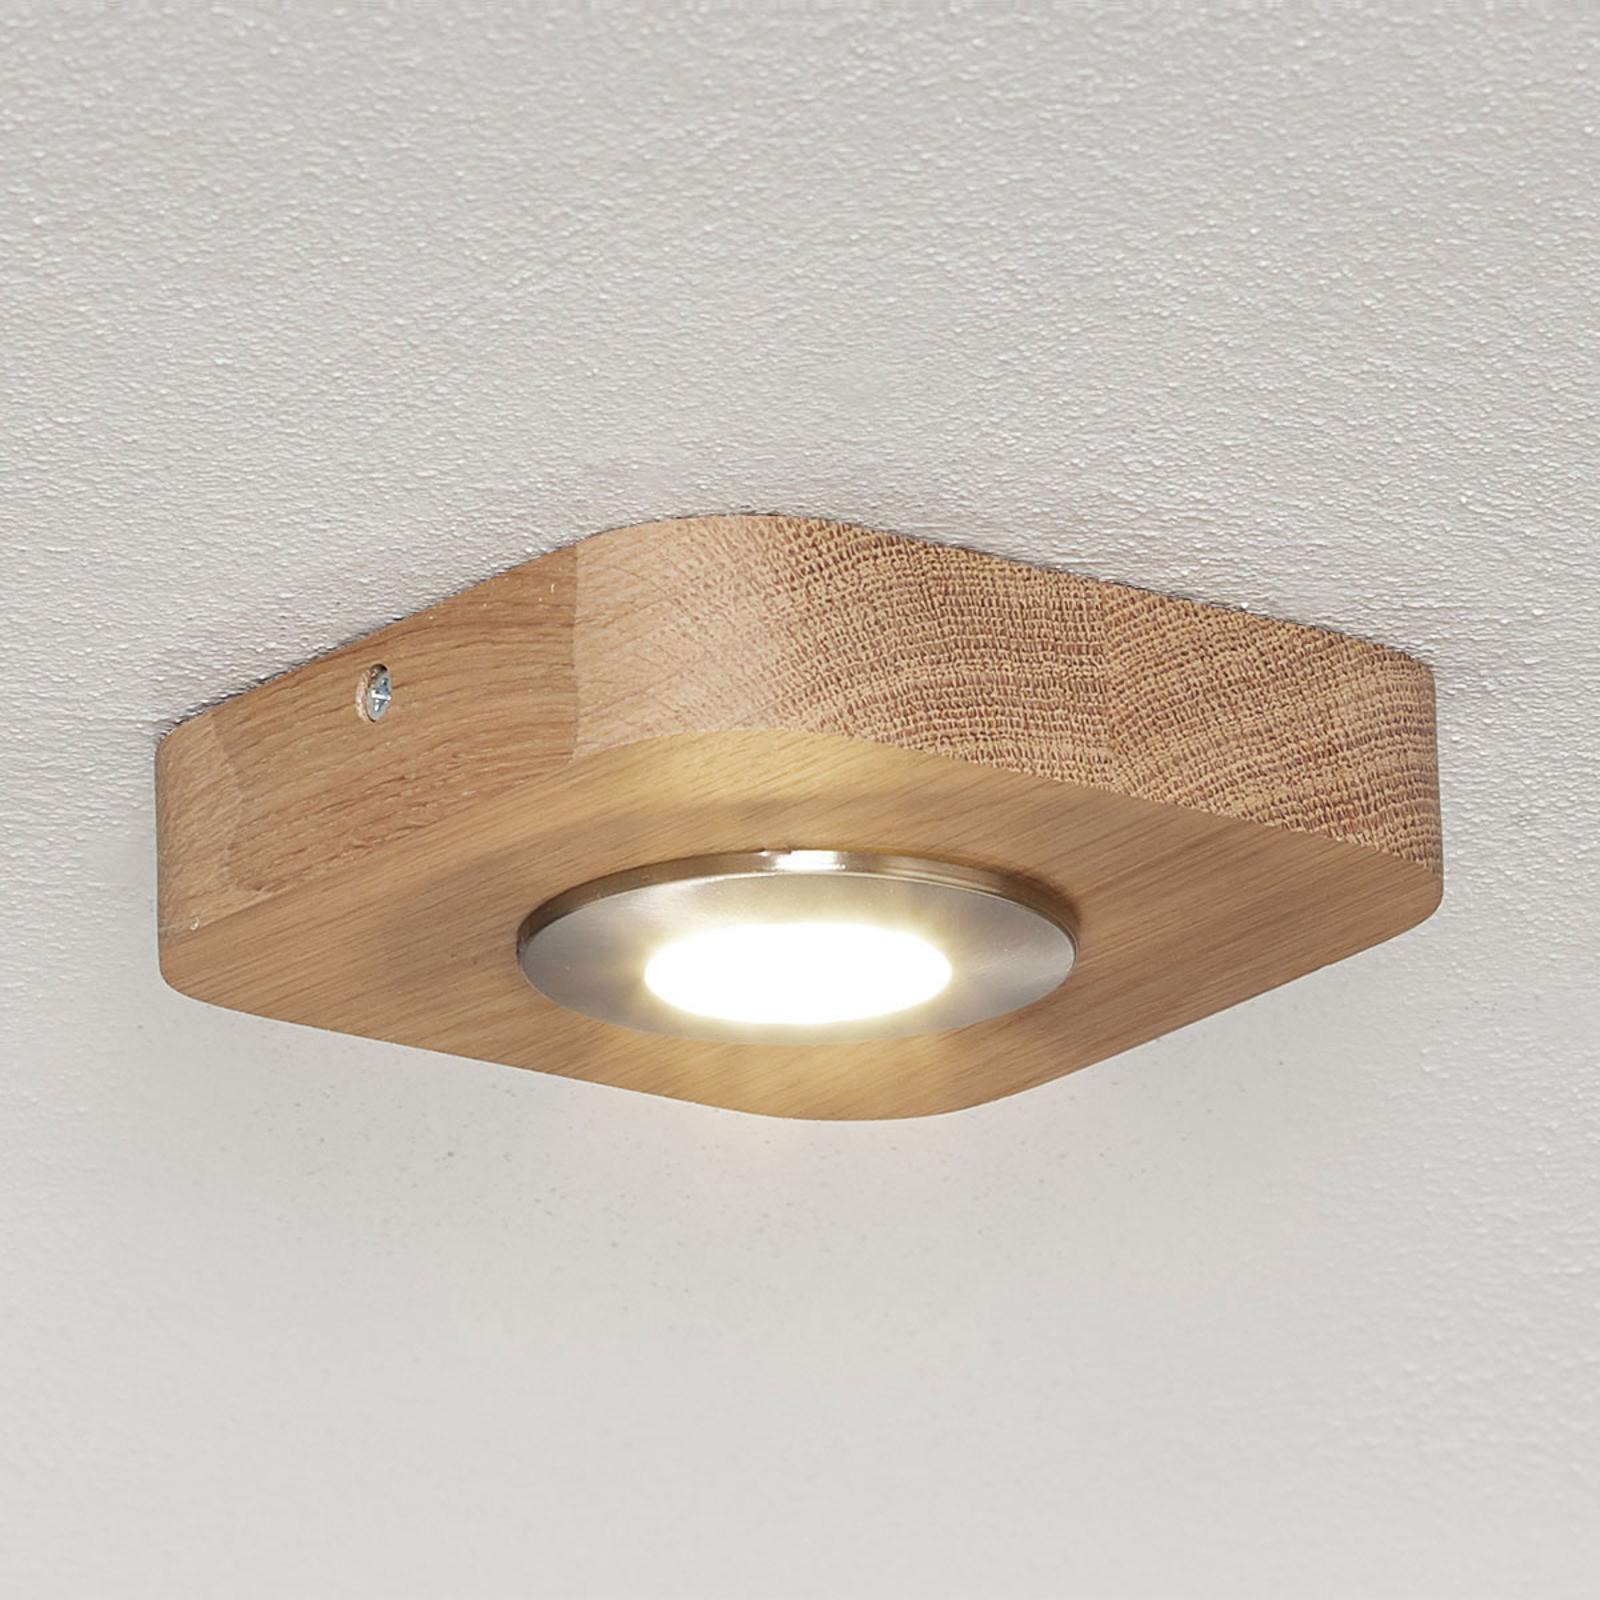 Lámpara LED de techo Sunniva con luz blanca cálida